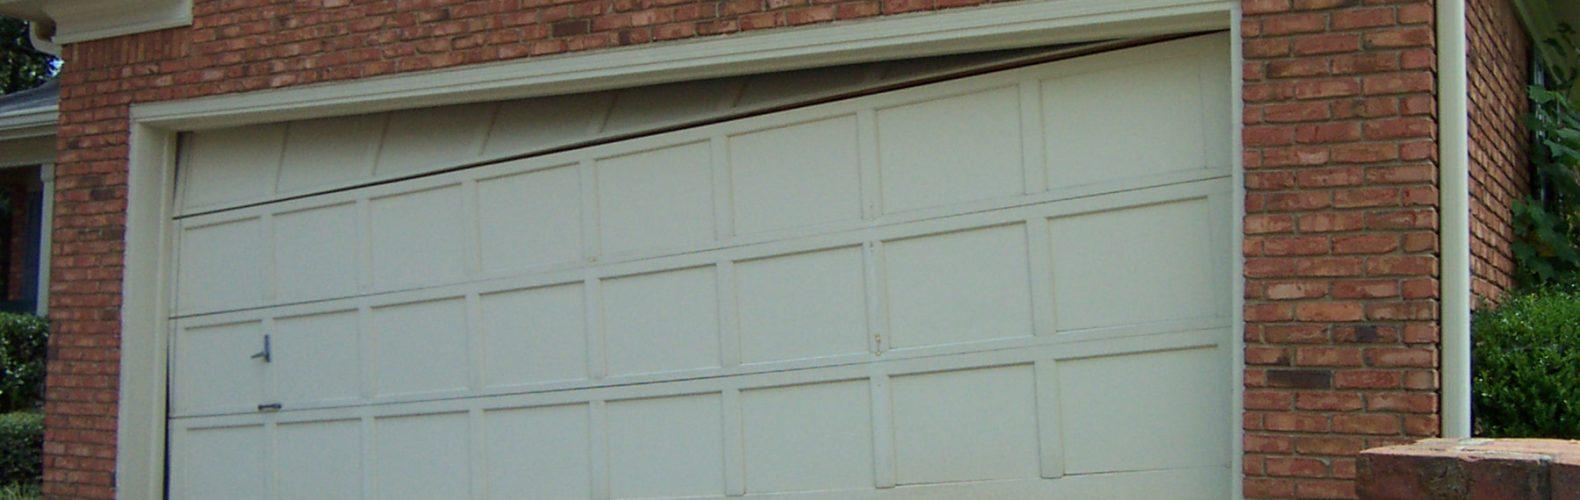 Garage Door repairs springs and rollers